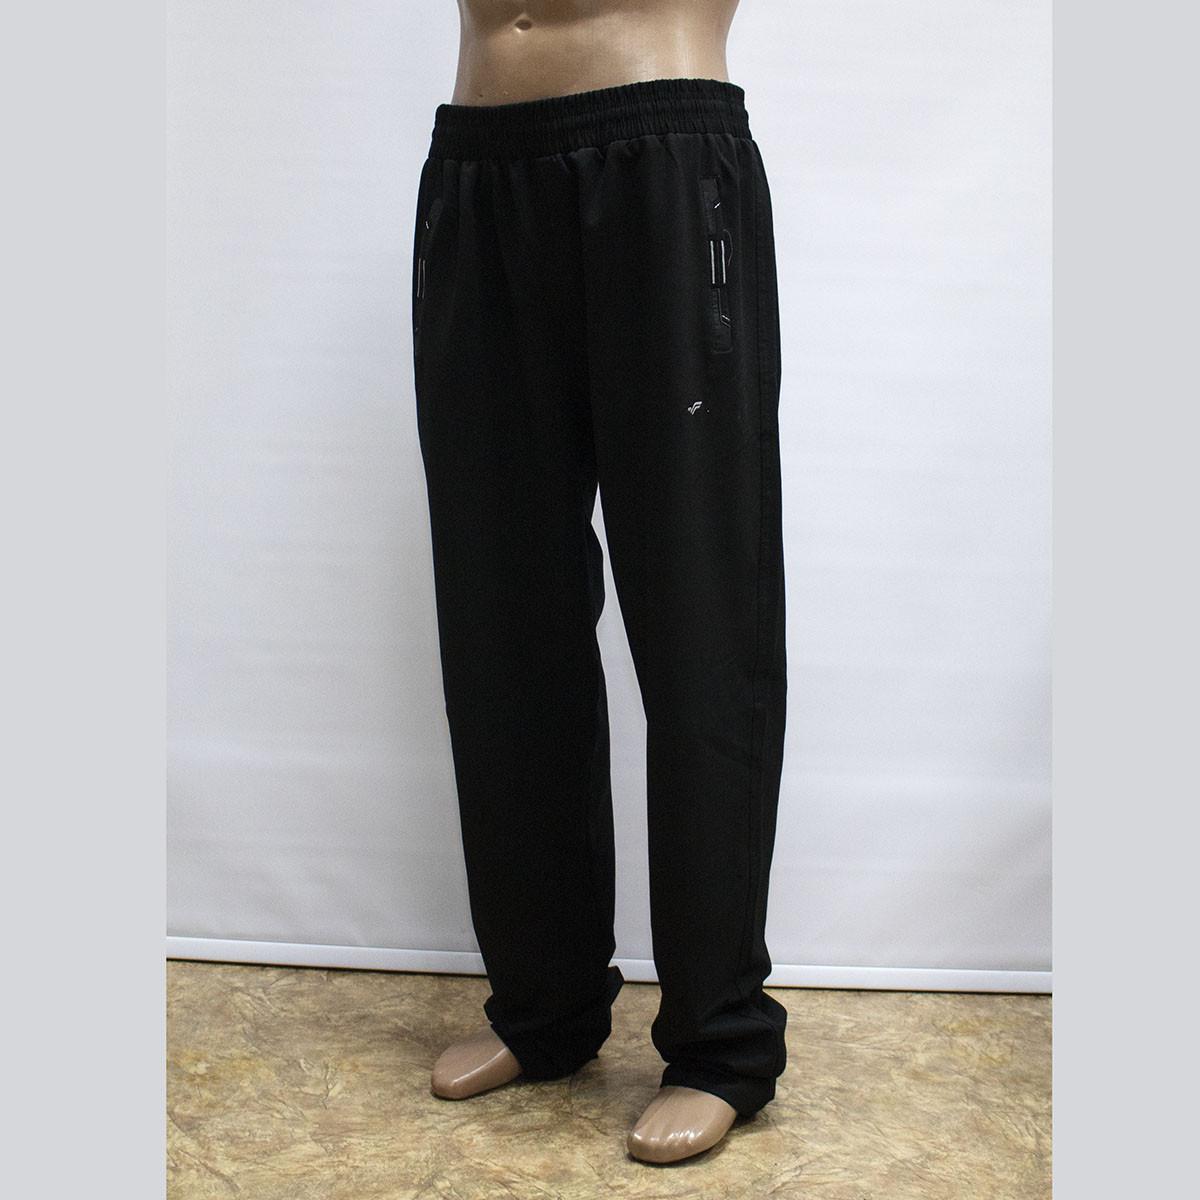 Мужские спортивные брюки большие размеры тм. FORE 9428G